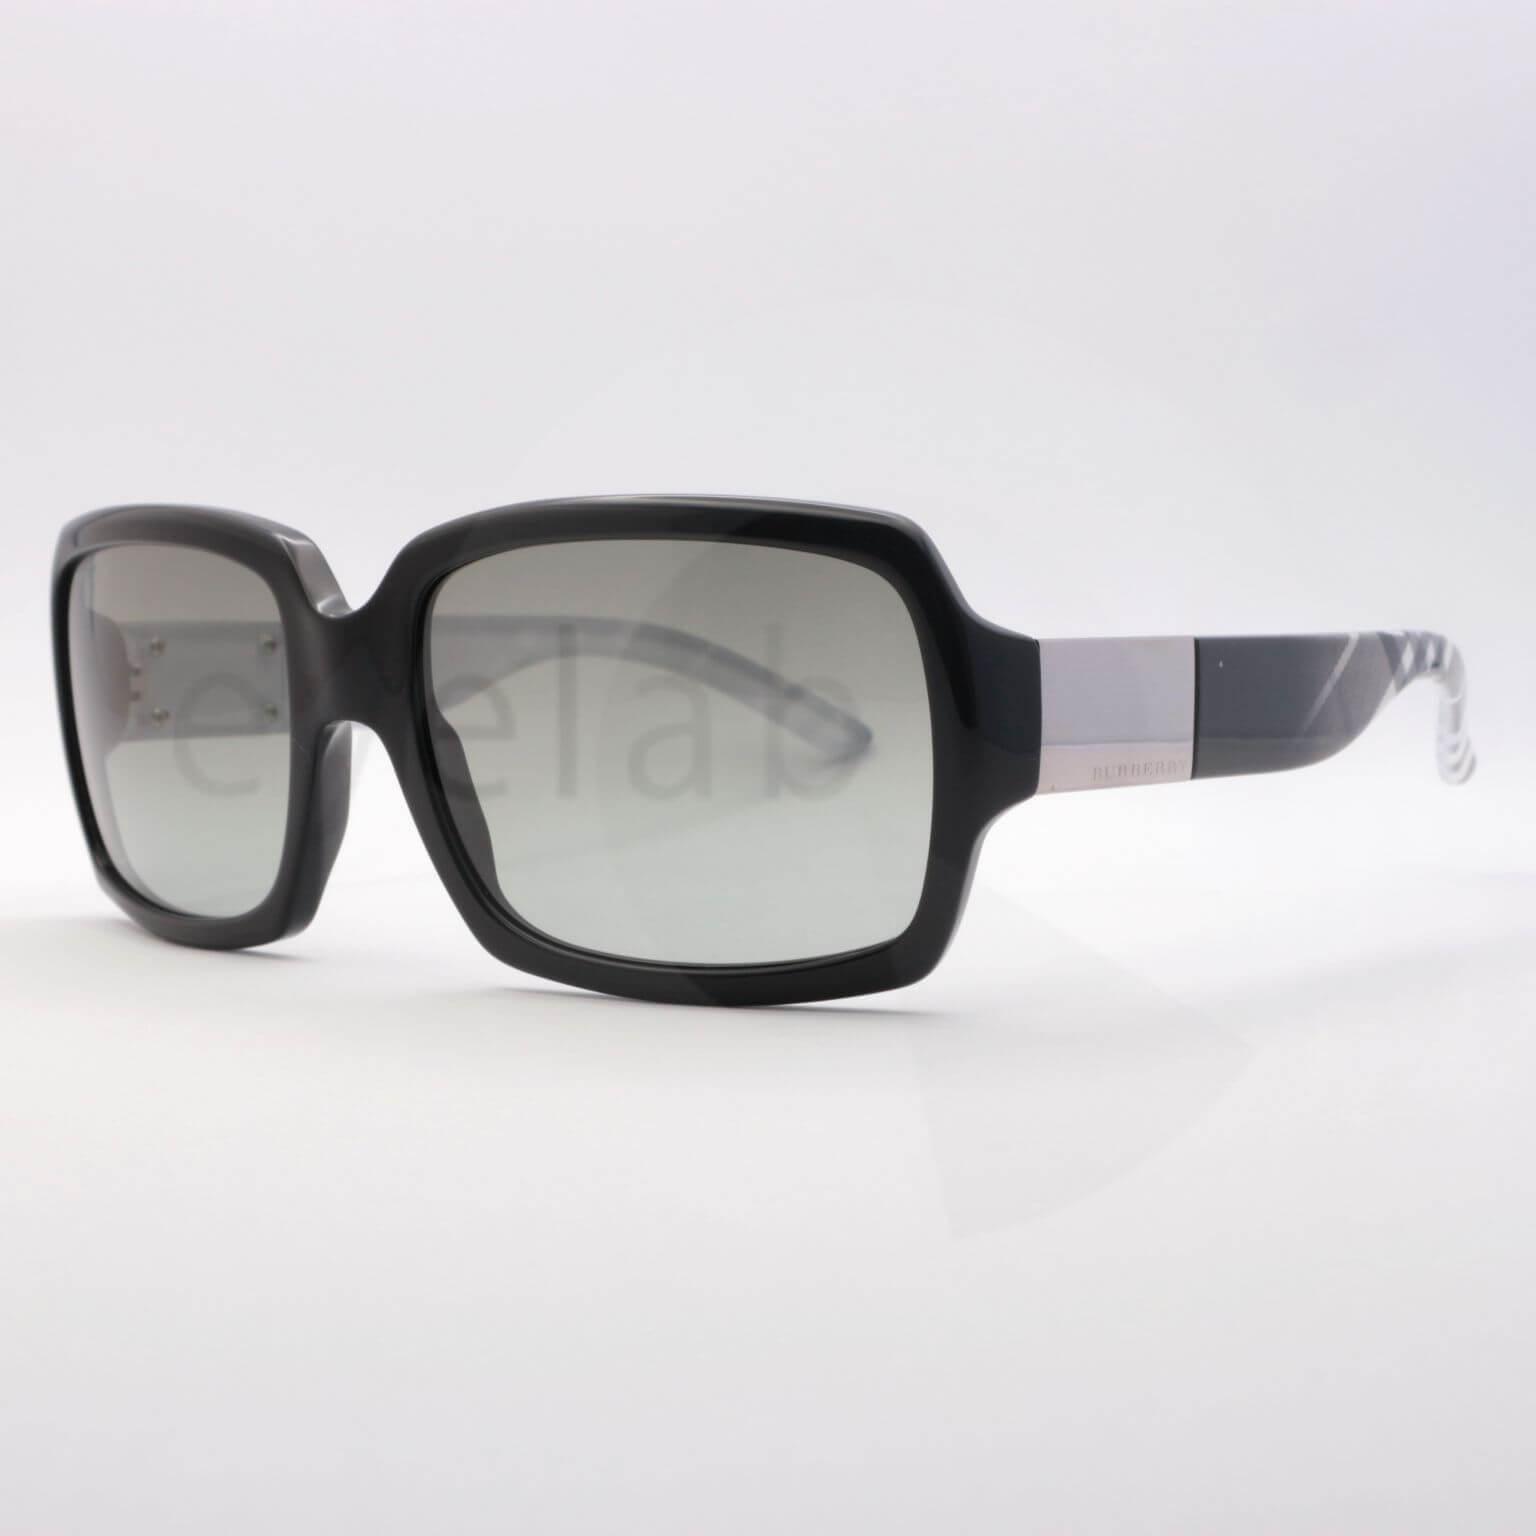 Γυαλιά ηλίου Burberry 4076 316711 ~ Eyelab 5a7a81fbc8d